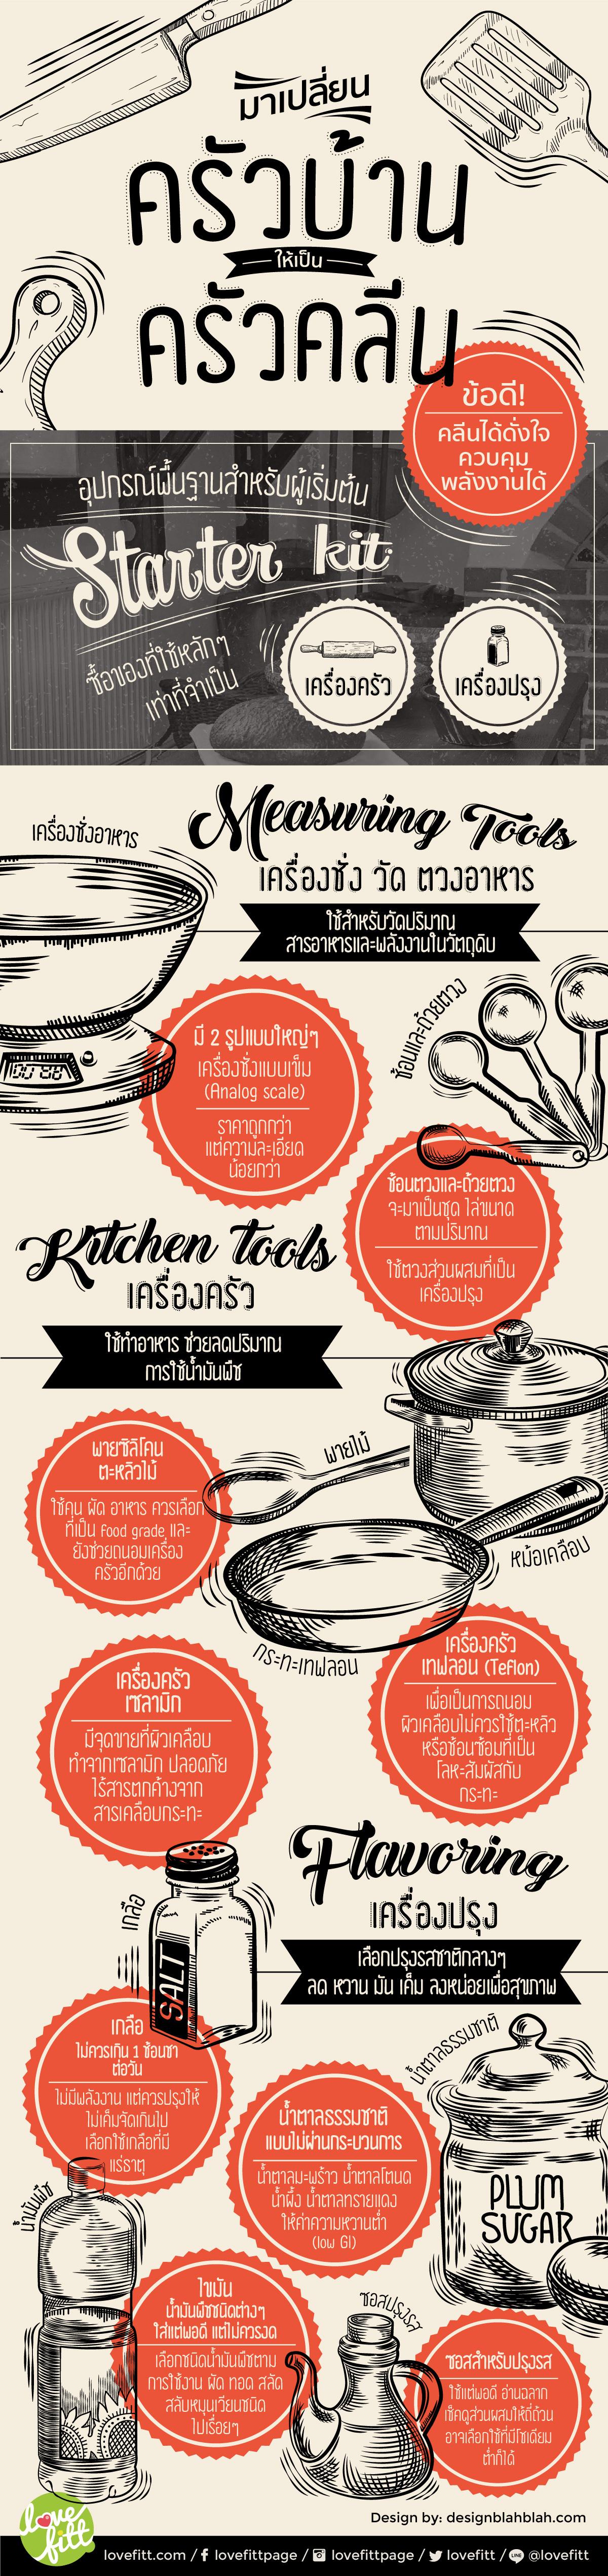 เปลี่ยนครัวบ้านมาเป็นครัวคลีน ต้องใช้อะไรบ้าง